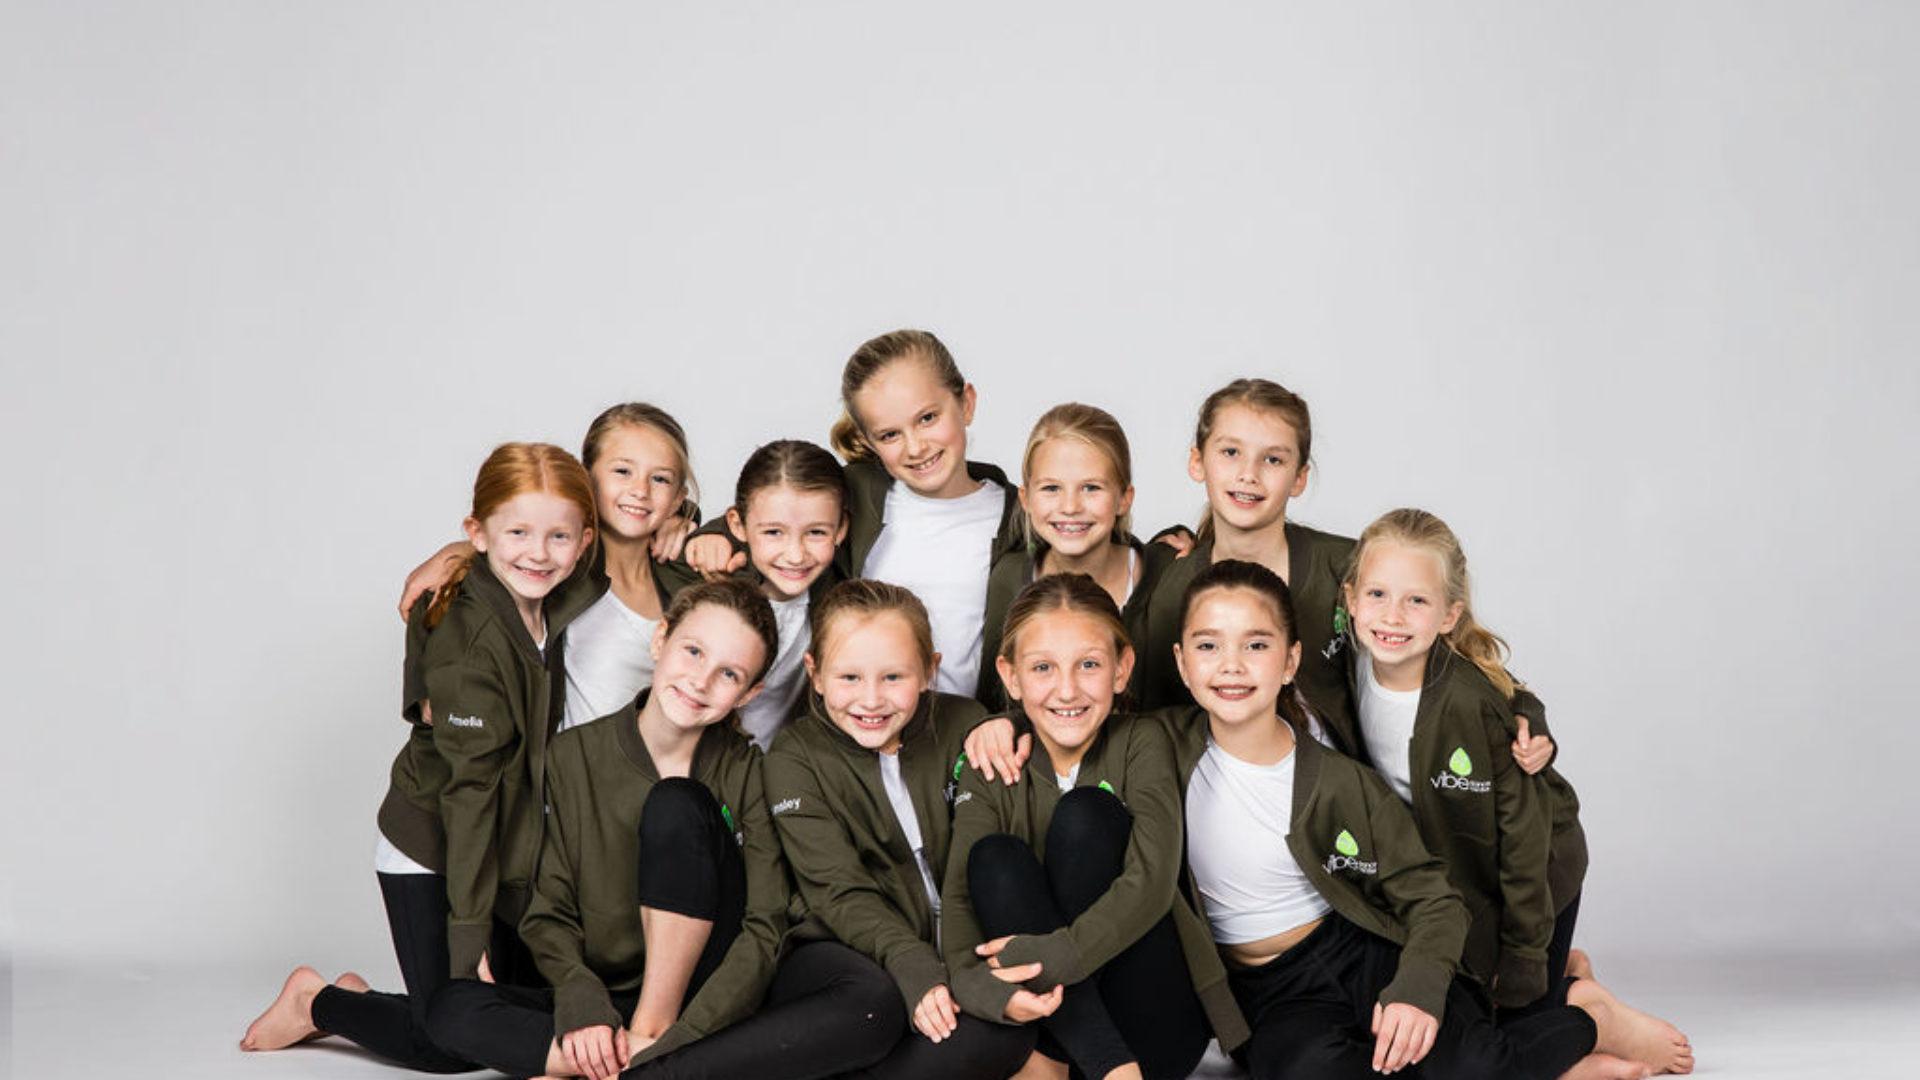 Vibe Dance Center